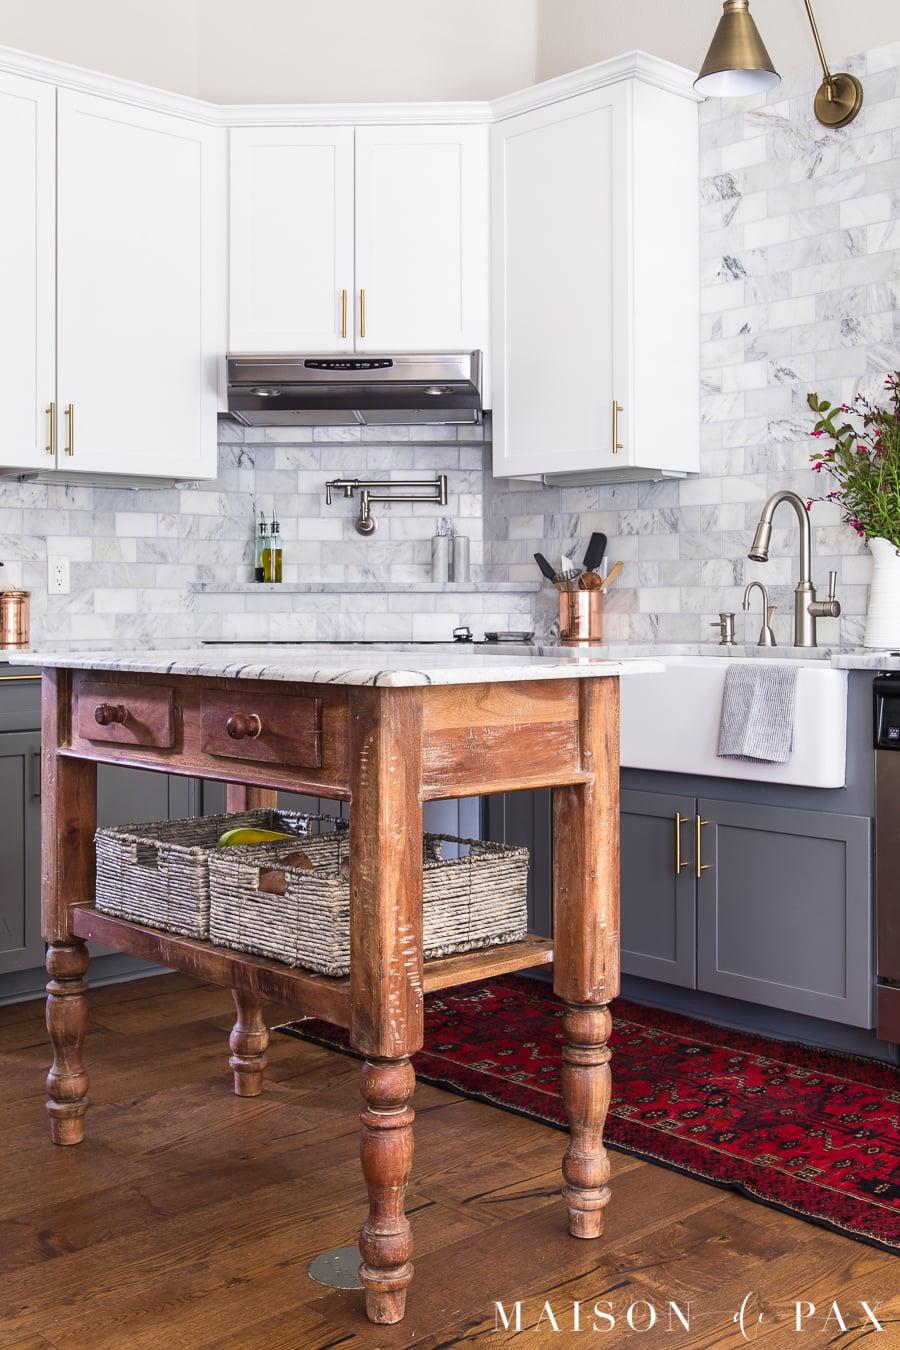 kitchen organizing ideas: easy access produce... get 5 more tips for kitchen organizing! #kitchenorganization #organizing #kitchendesign